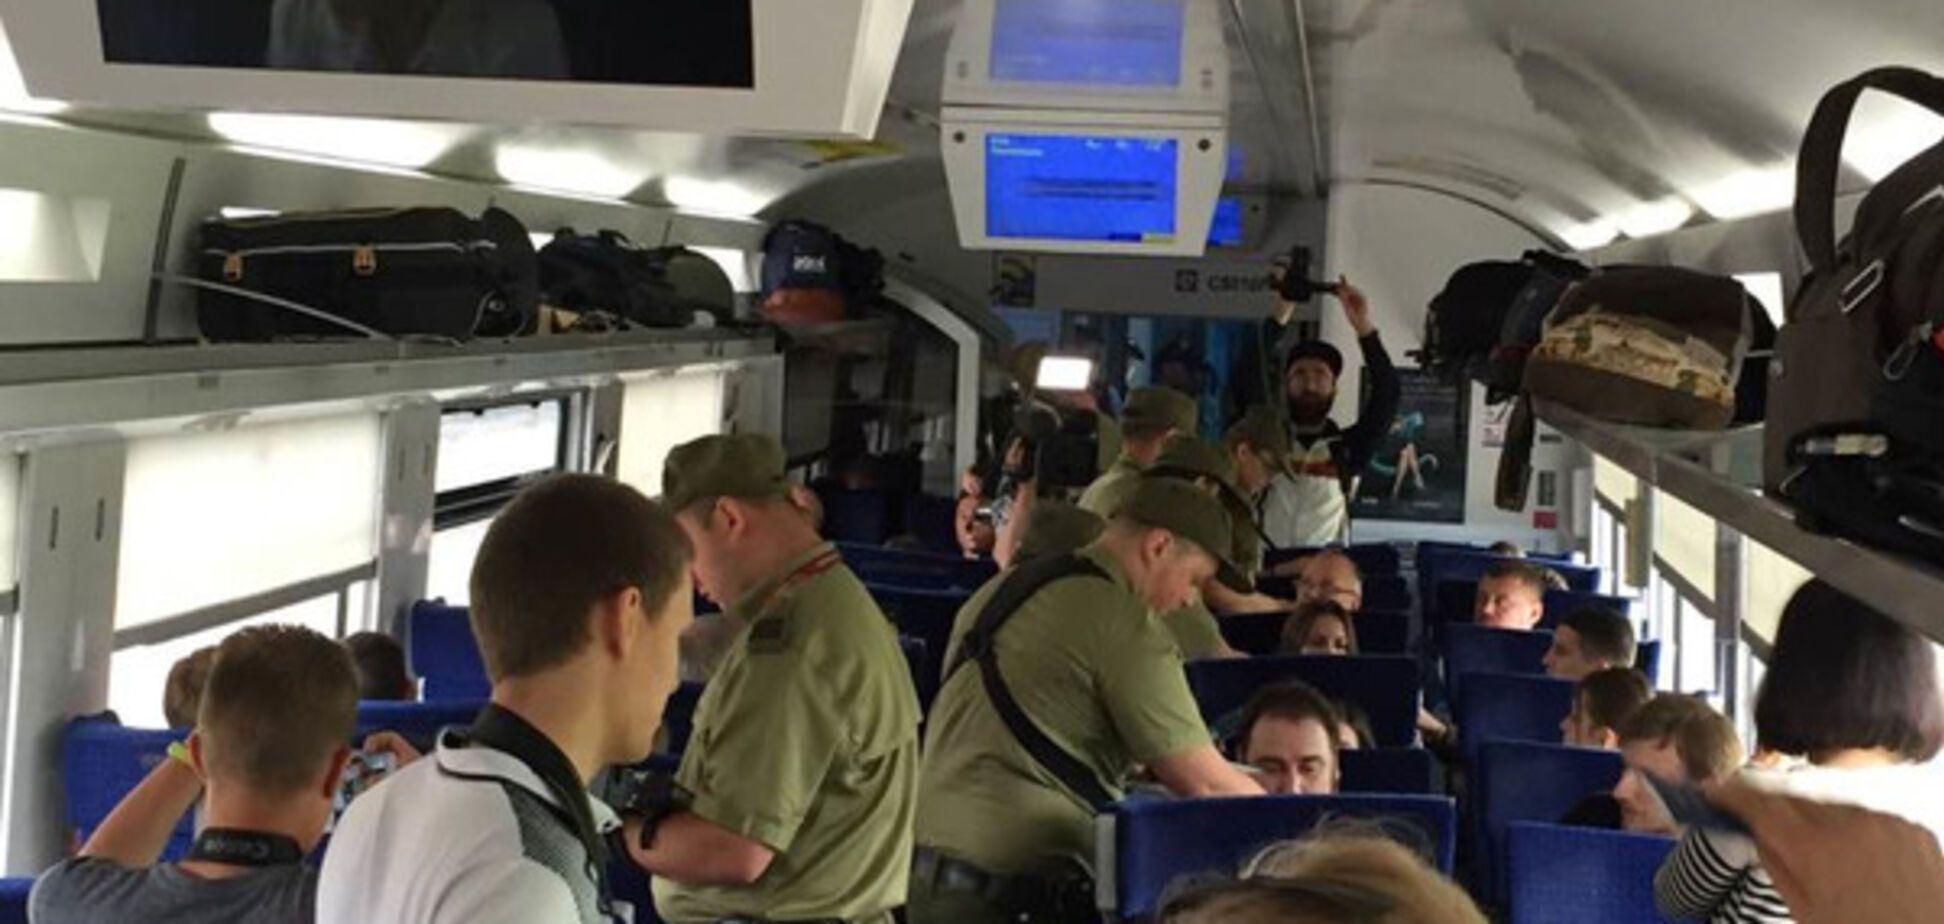 Безвизовый поезд из Украины в Польшу